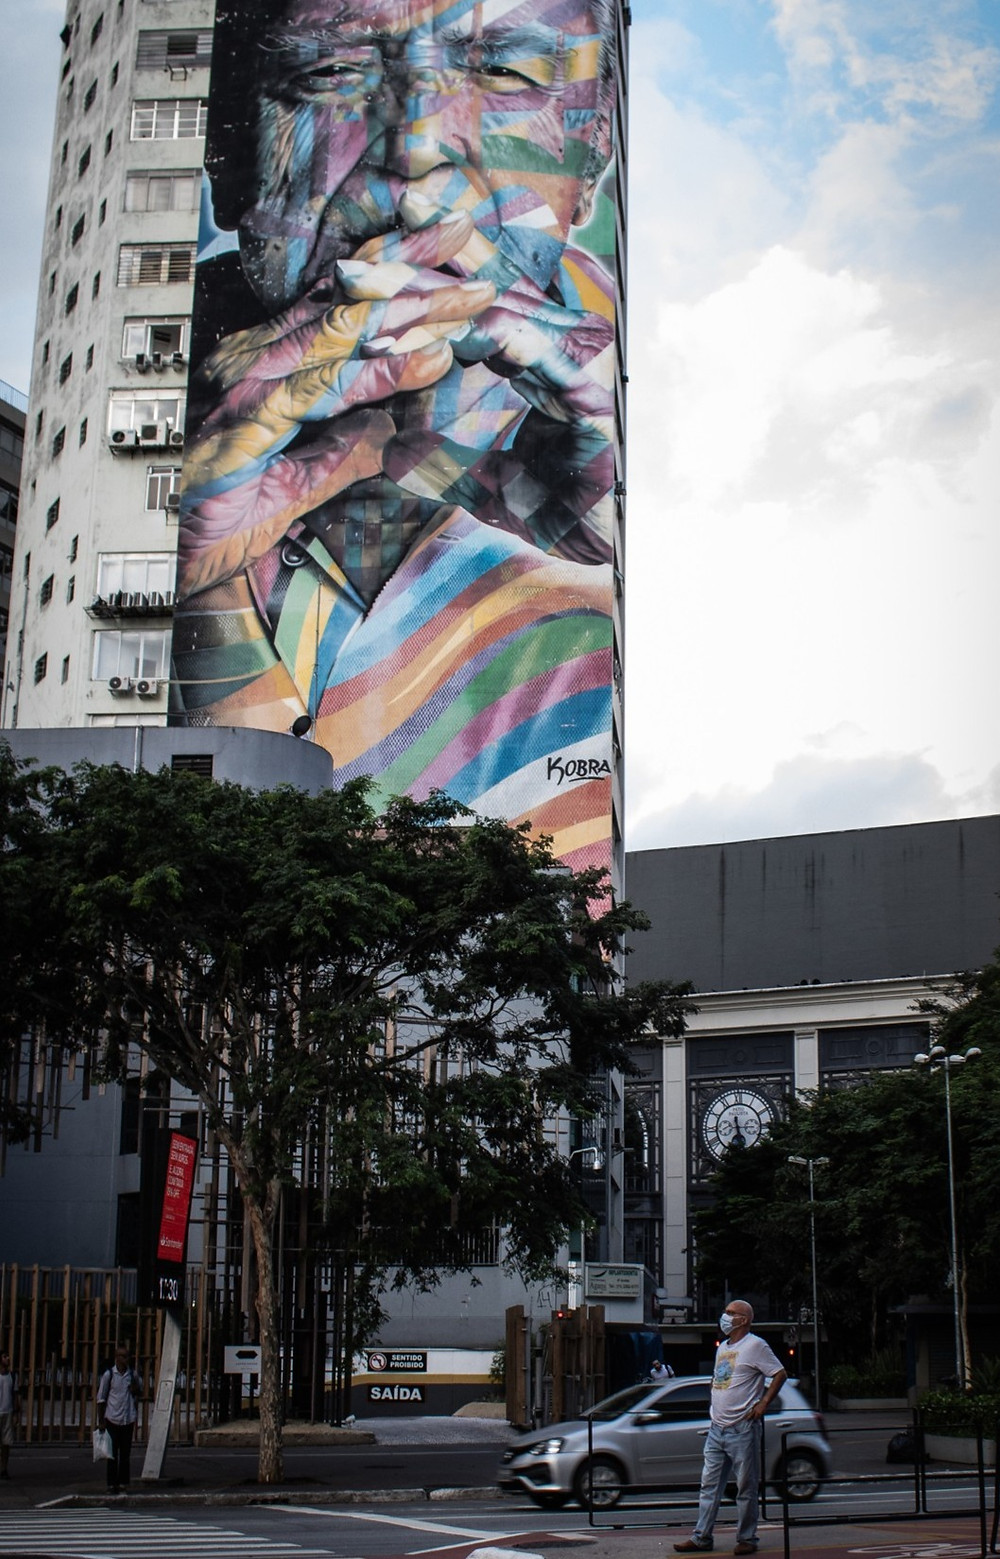 Grafite de Niemeyer por Kobra